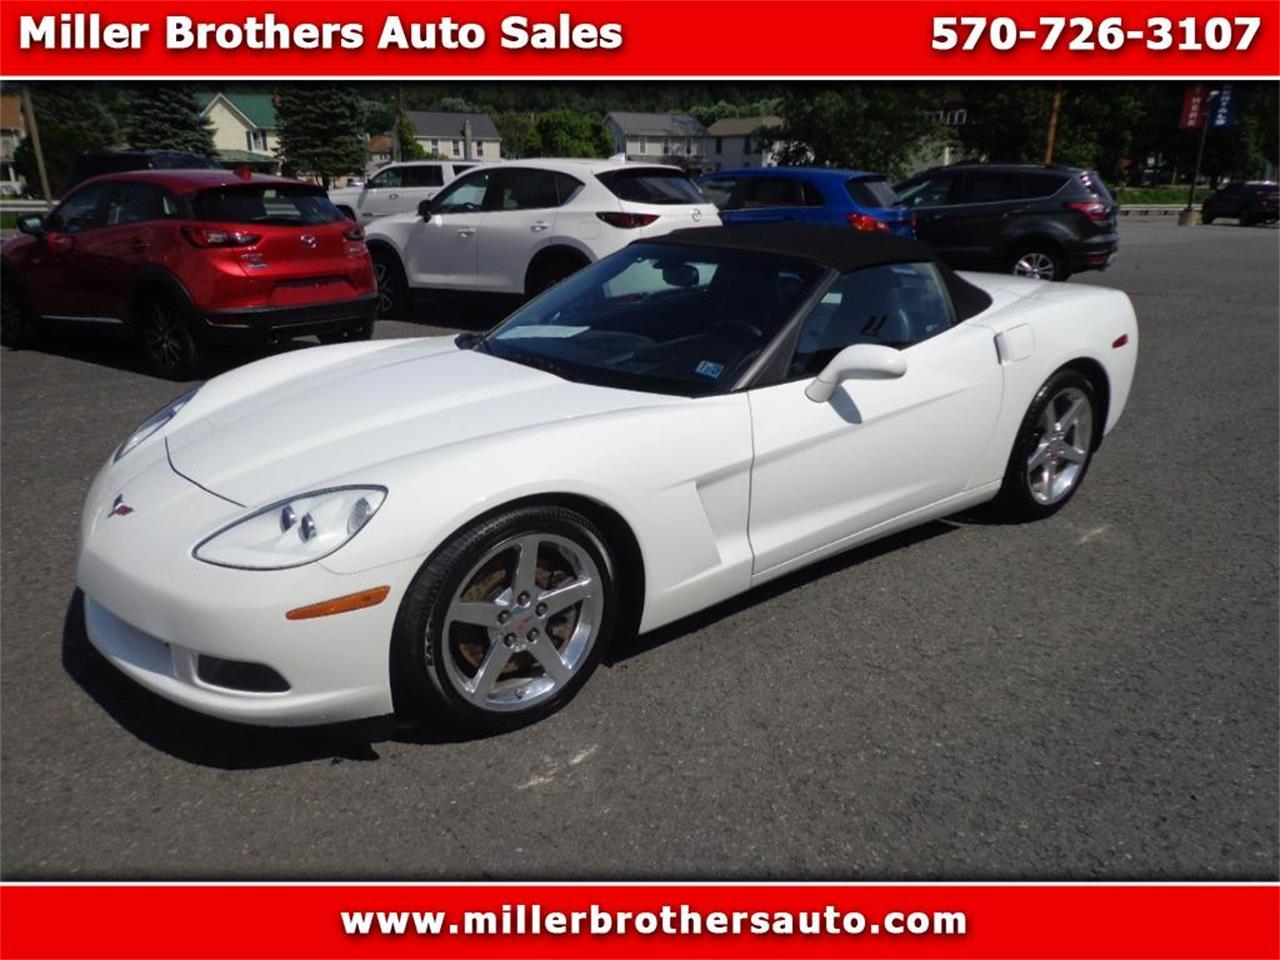 2005 Corvette For Sale >> 2005 Chevrolet Corvette For Sale Classiccars Com Cc 1143917